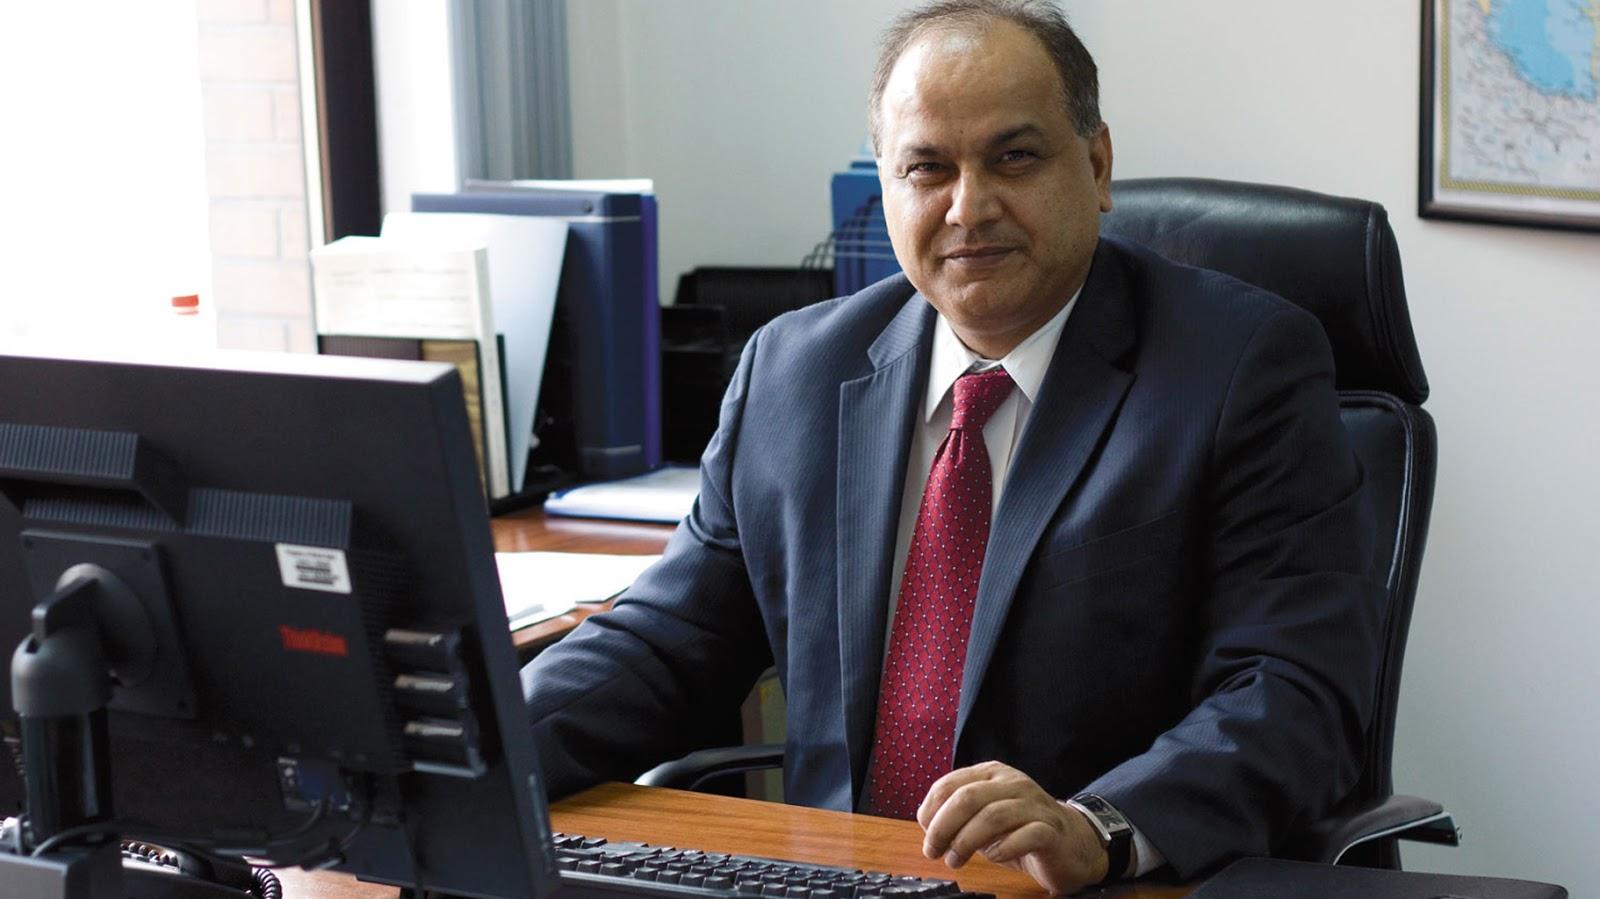 saroj jha CEO world bank